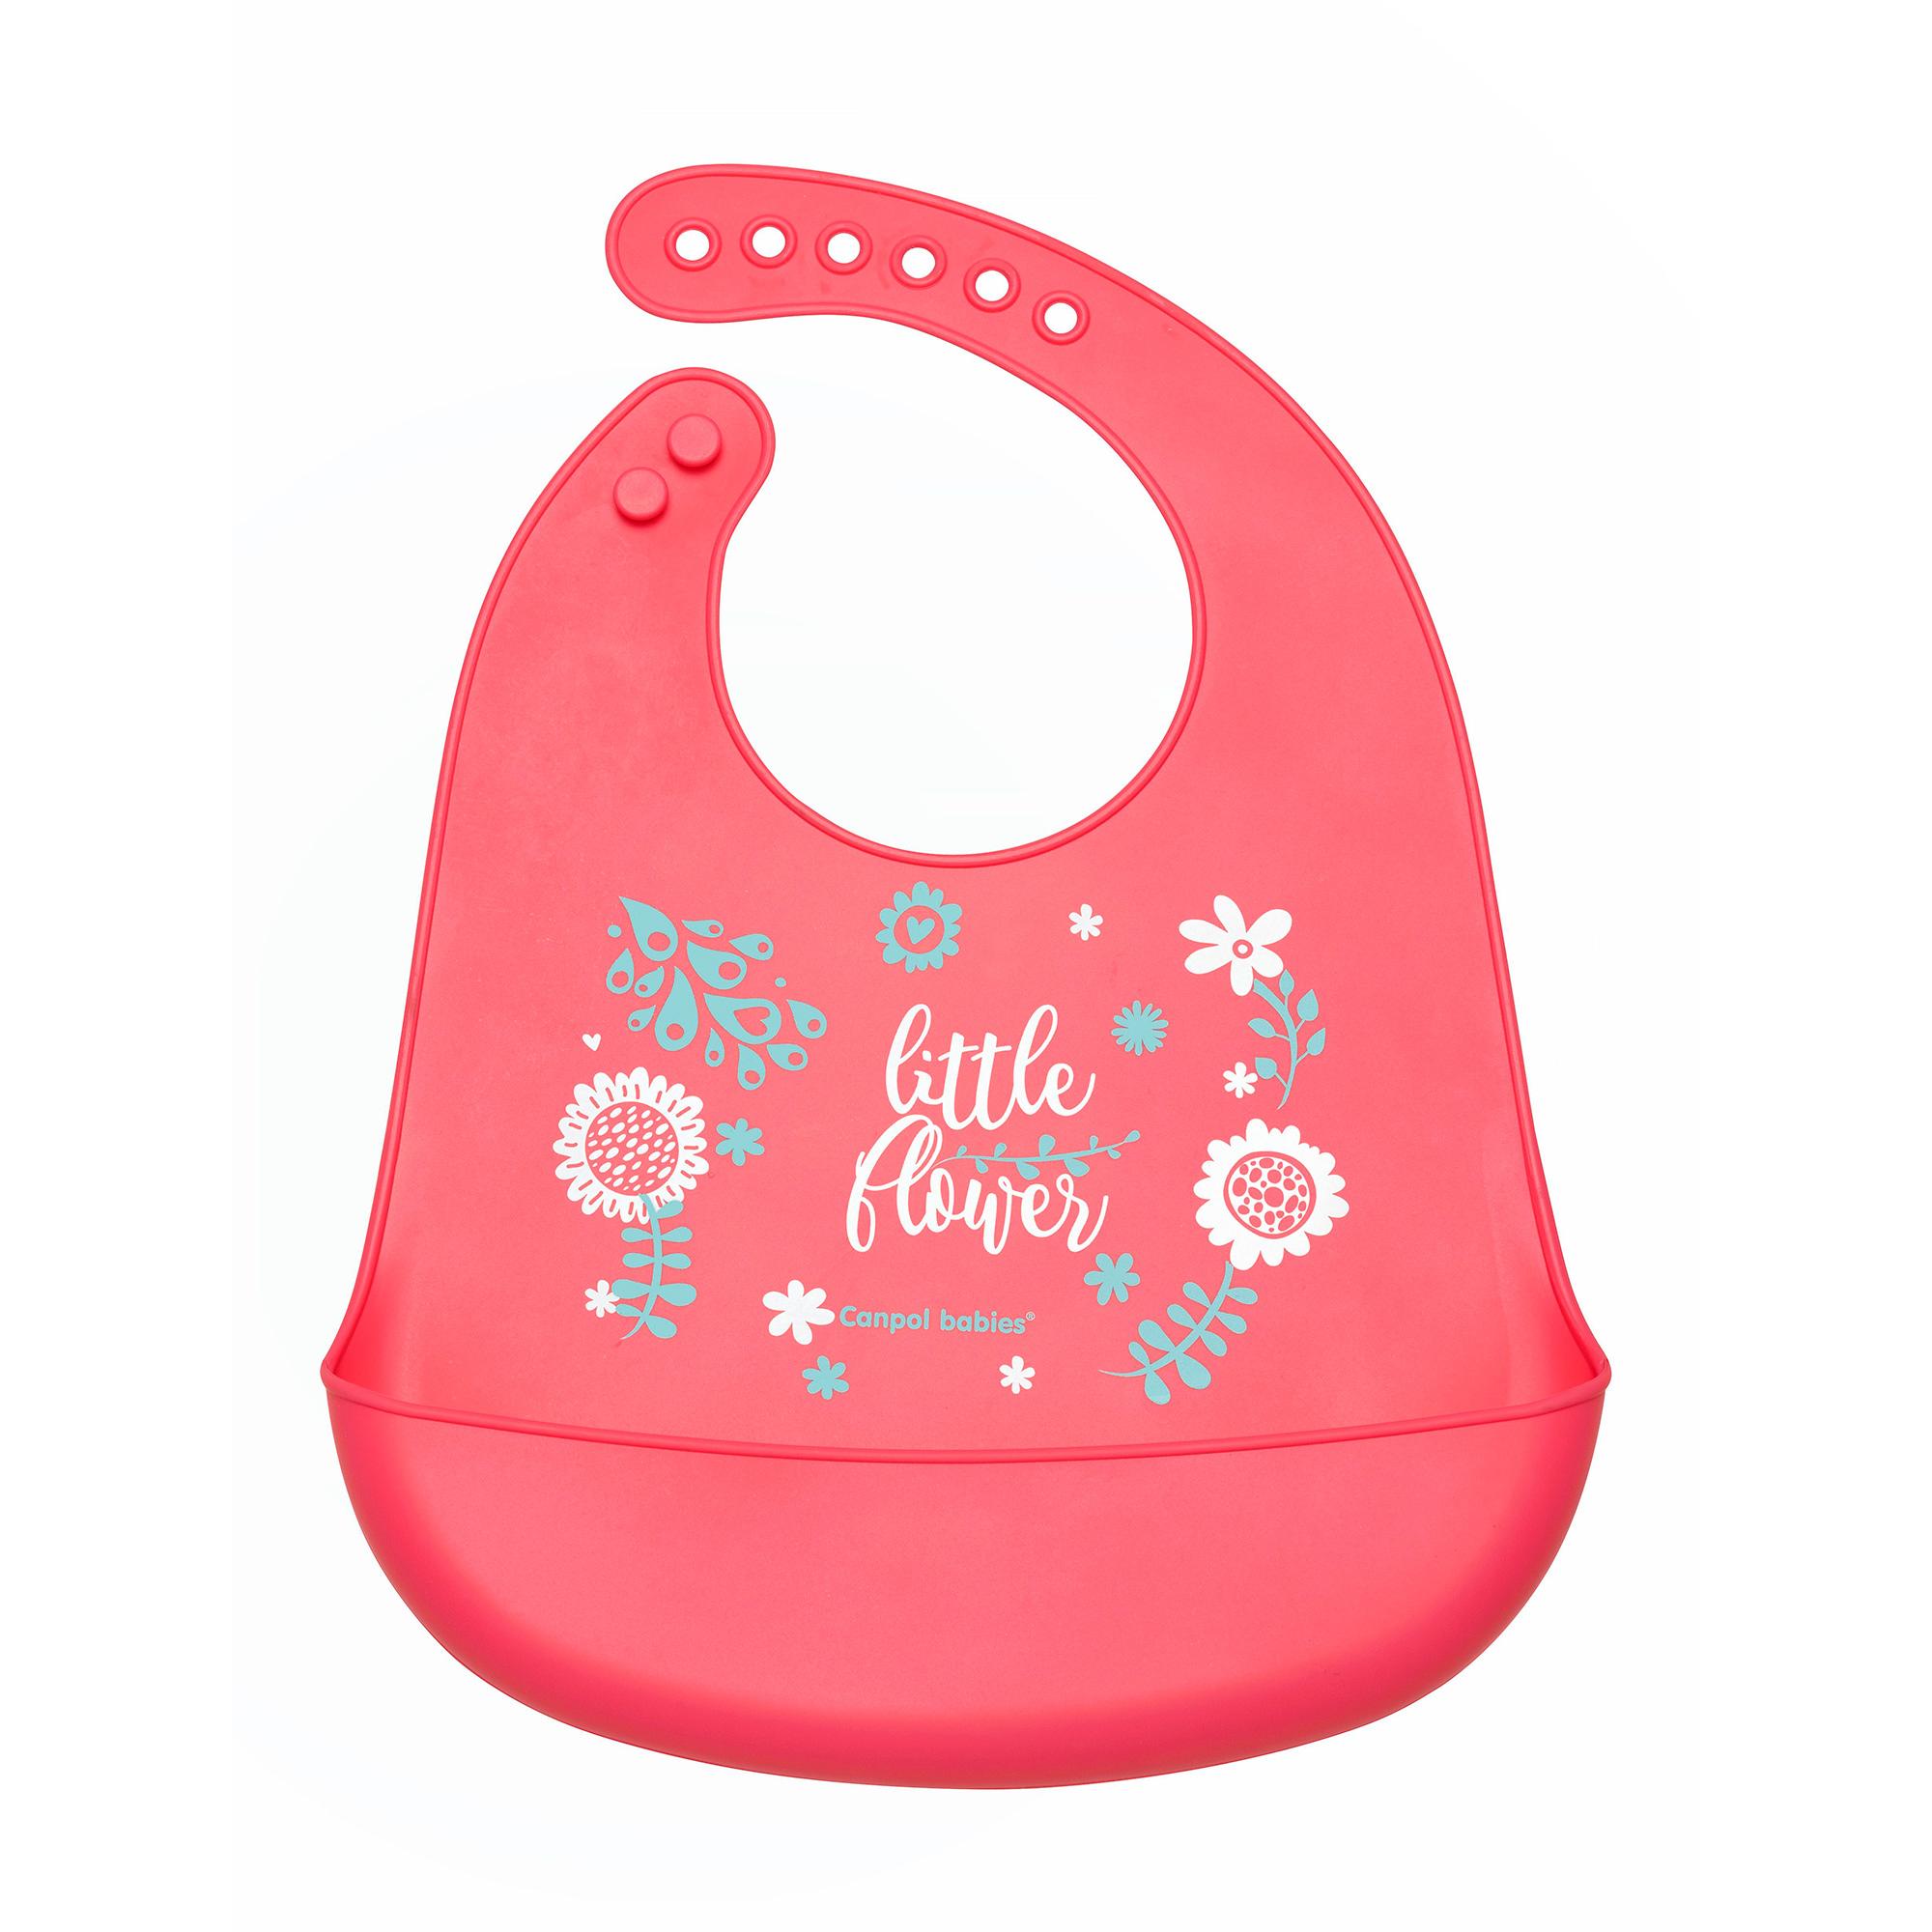 Купить Слюнявчик Canpol babies силиконовый с кармашком Wild Nature - розовый 74-023 pin